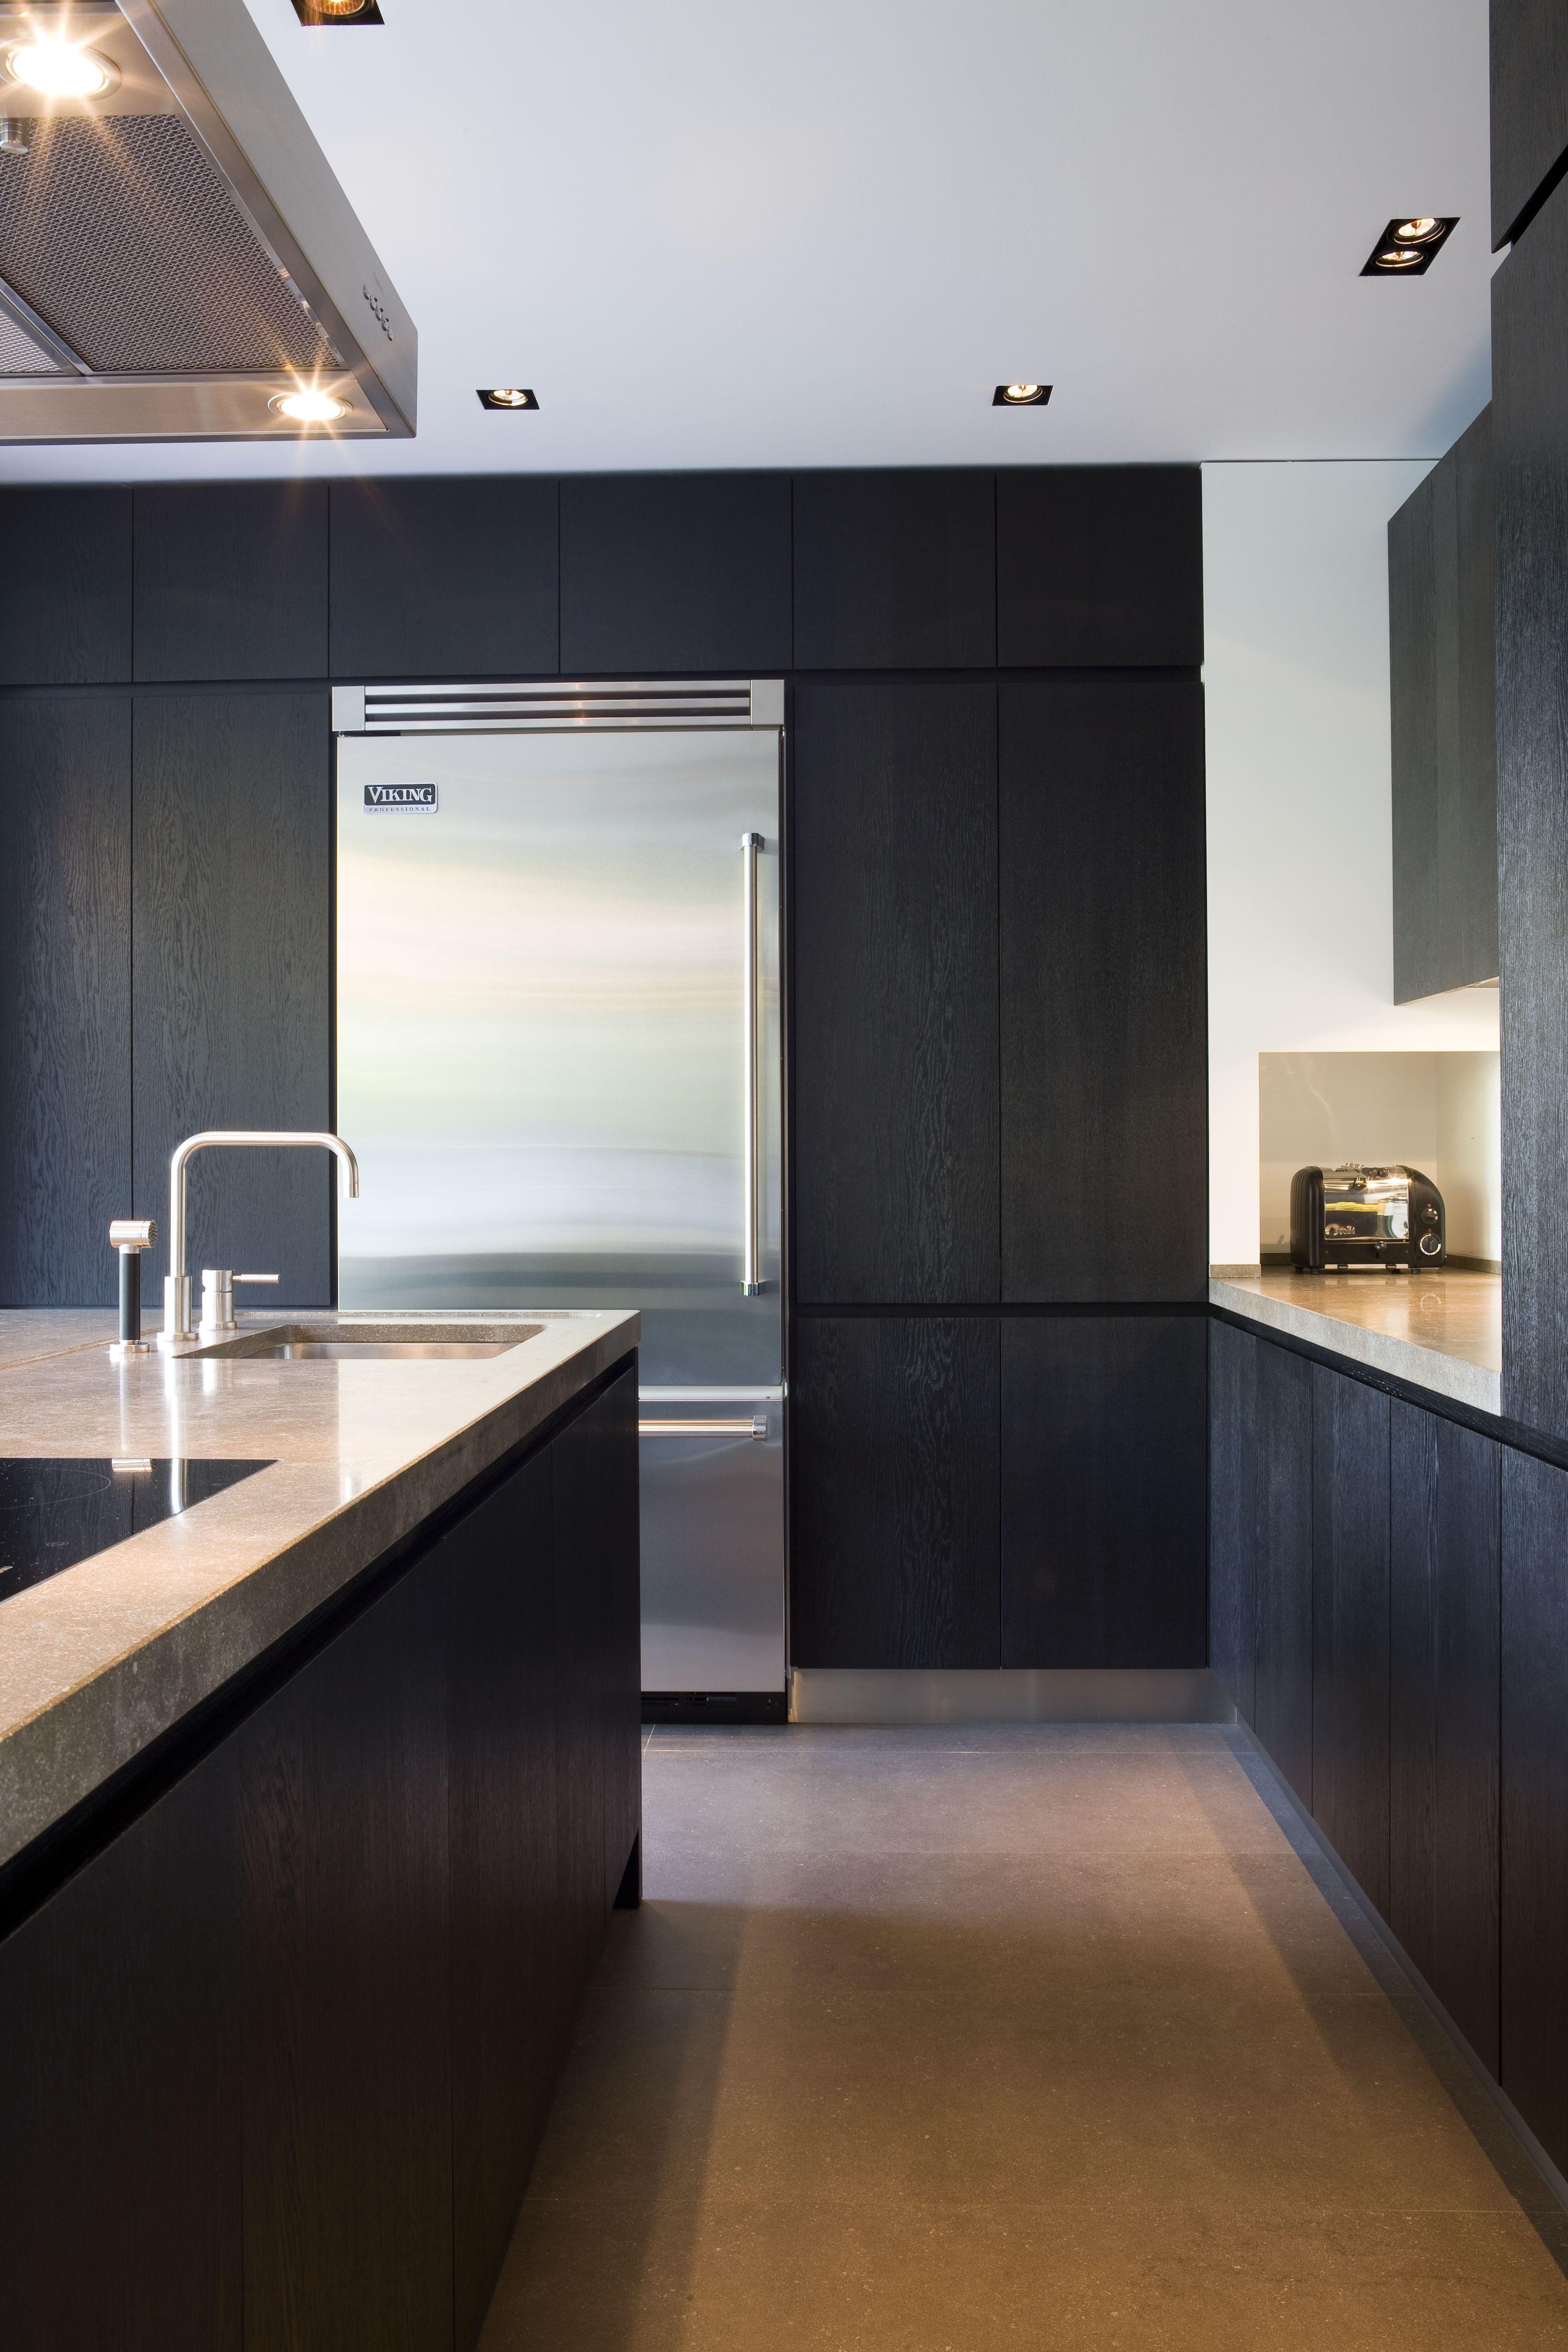 contemporary kitchen AH_de menagerie  Interieurontwerp keuken